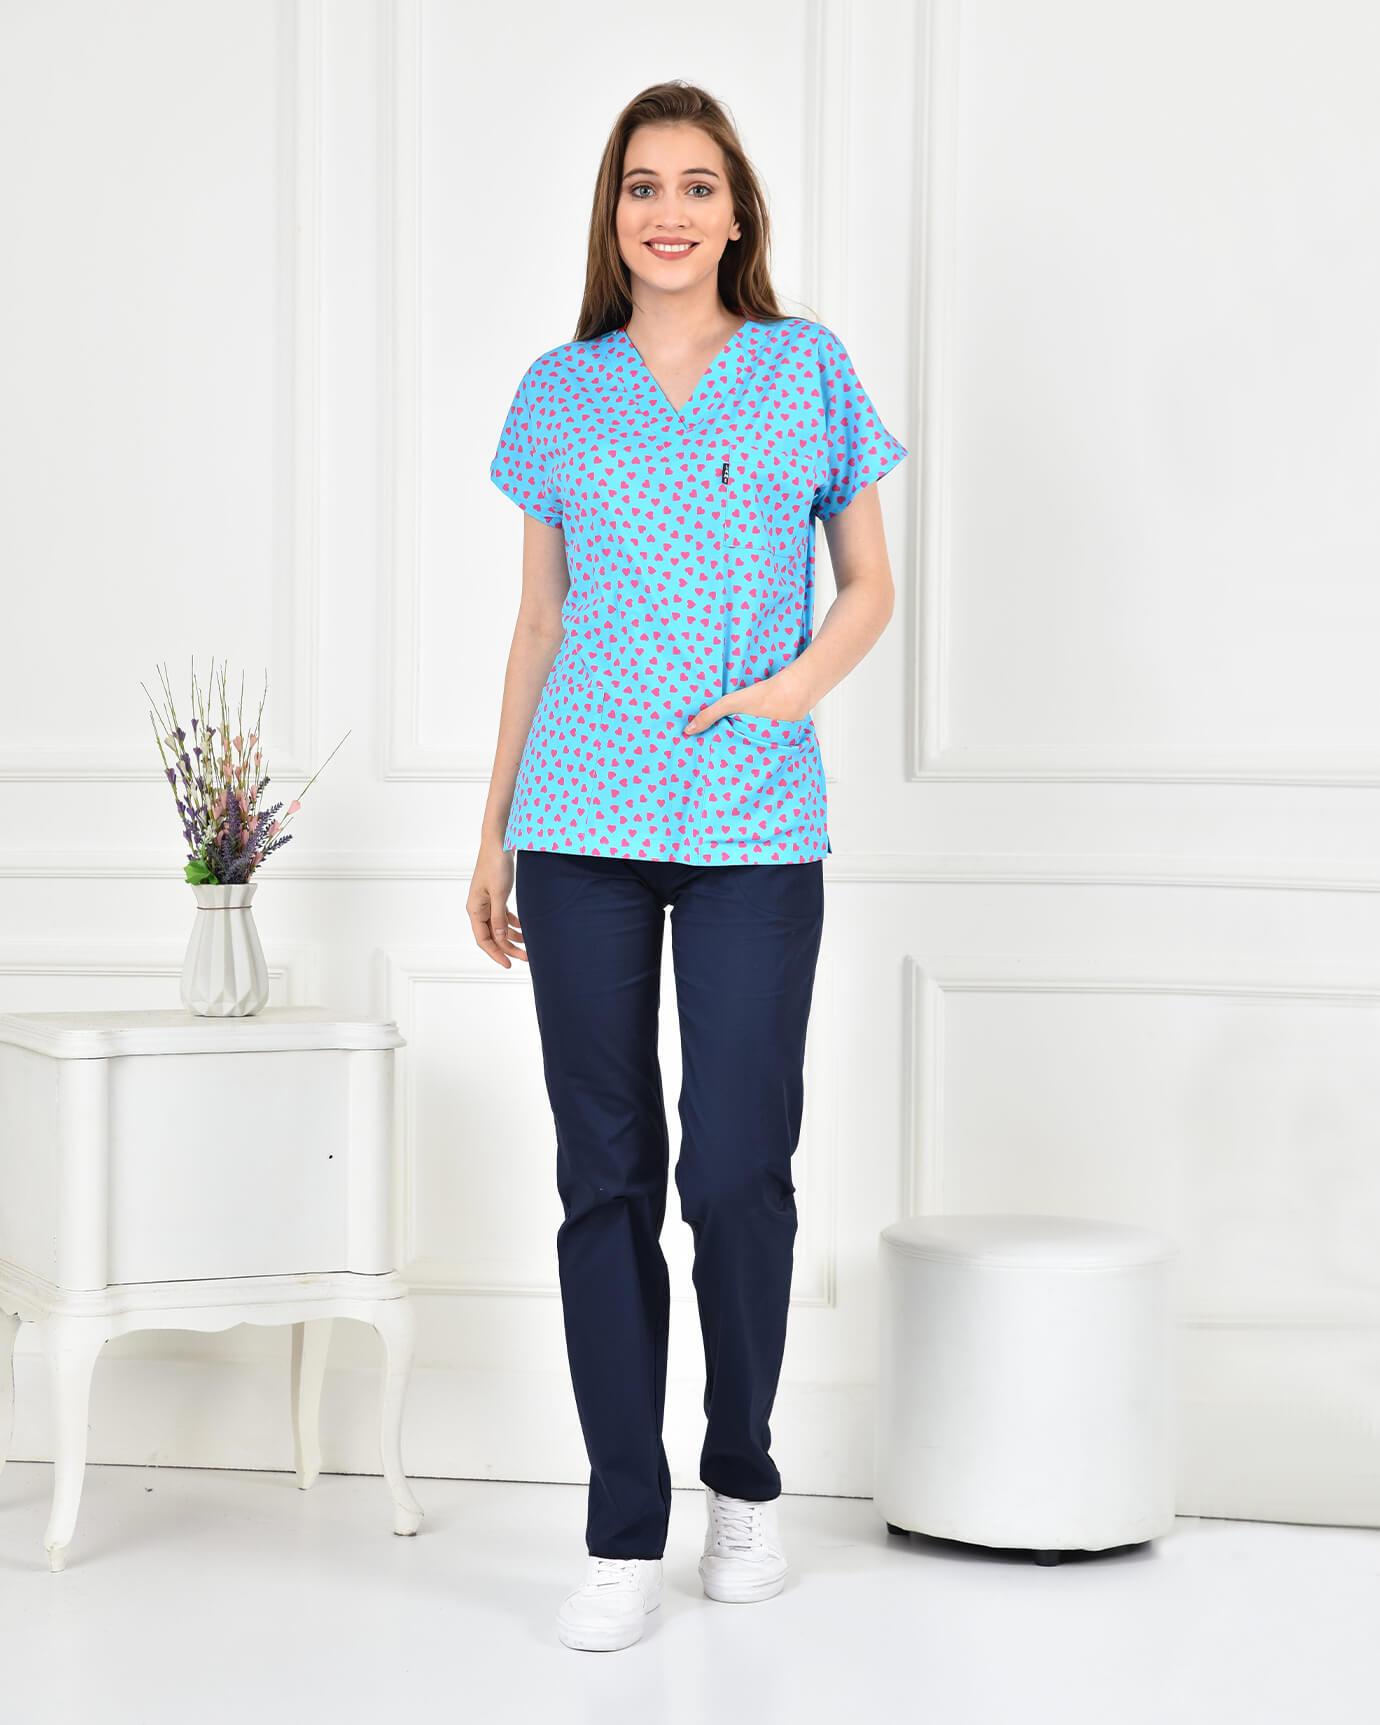 Likralı Kalp Desenli Forma Üstü ve Lacivert Pantolon Takım